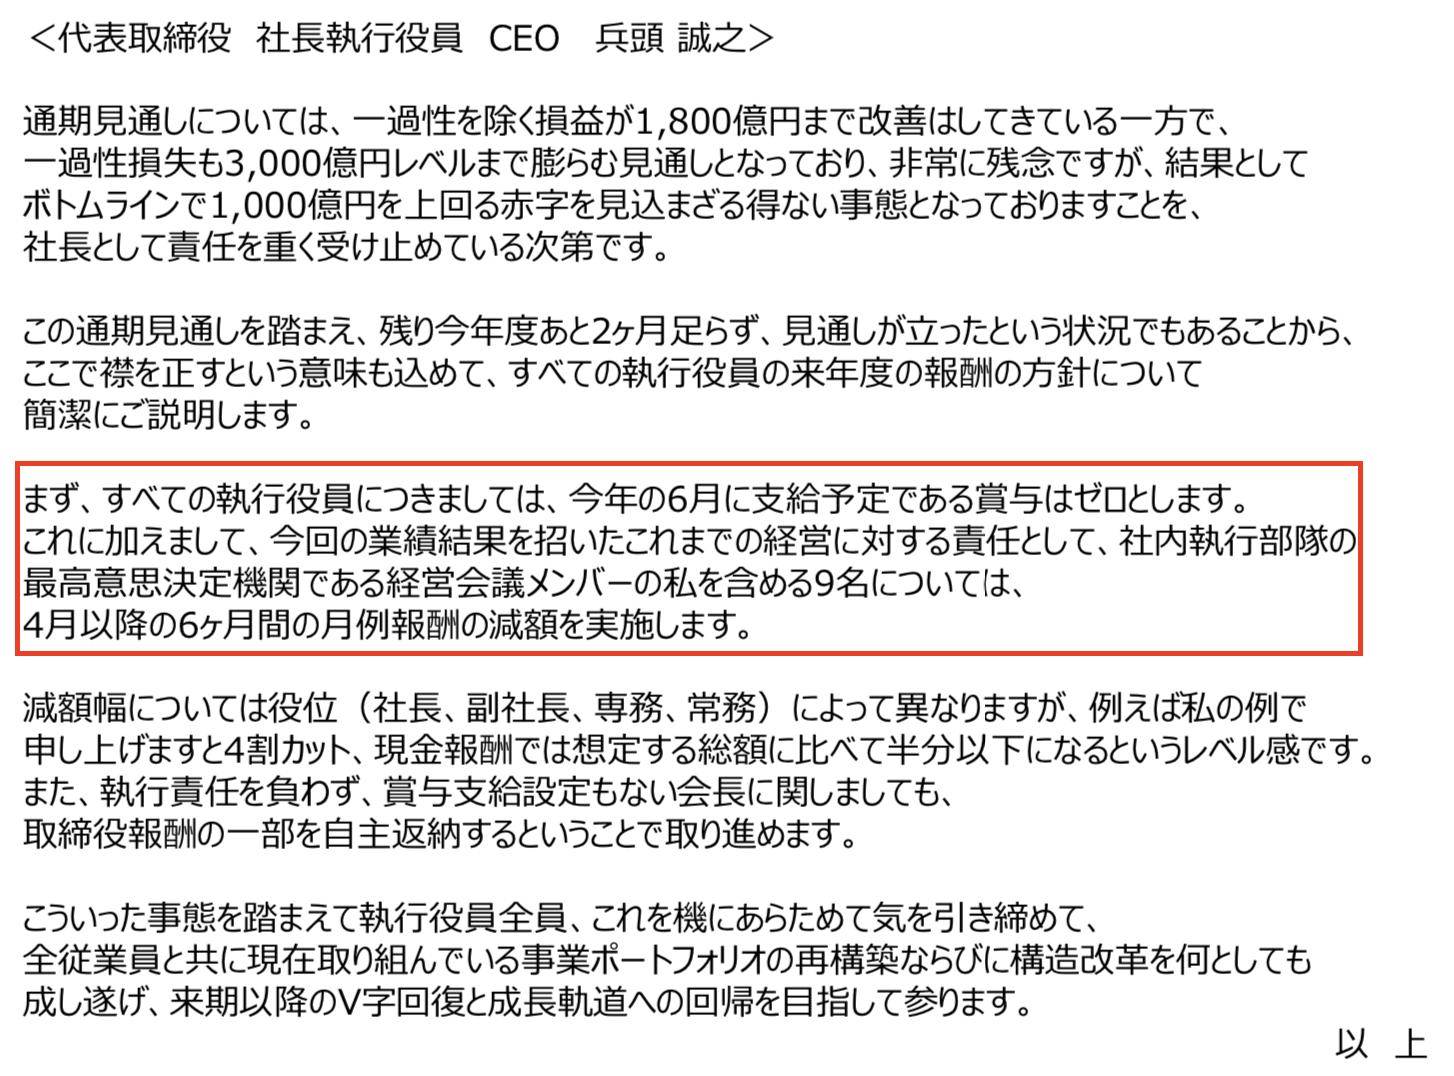 住友商事 第3四半期決算説明会(2021年2月4日)